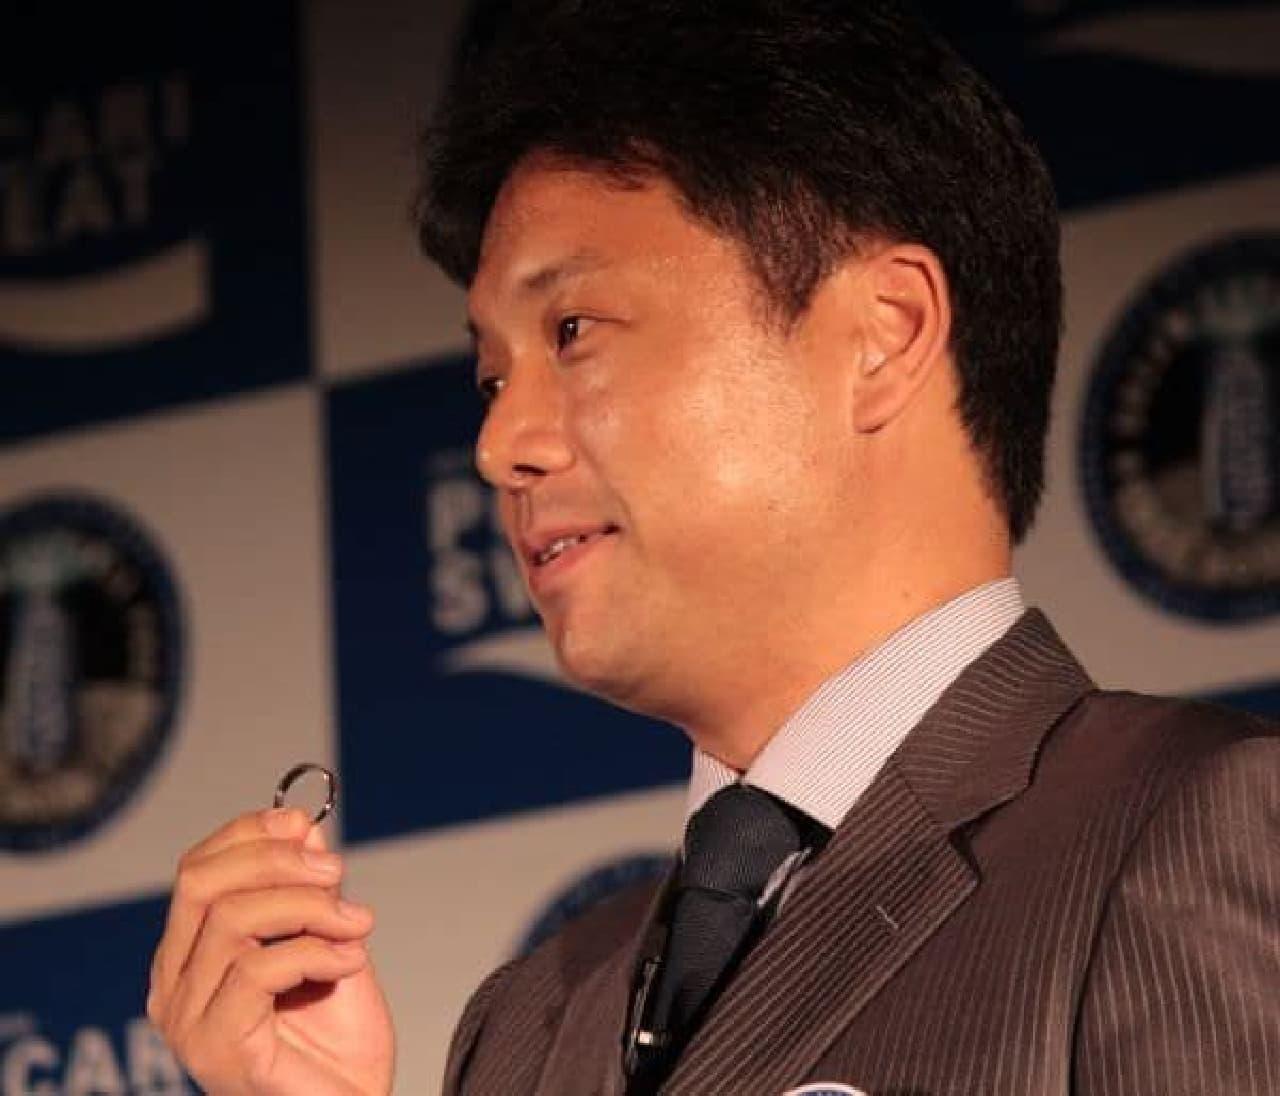 ドリームカプセルを開けるのに必要なドリームリング  持っているのは岡田光信さん(ASTROSCALE CEO)